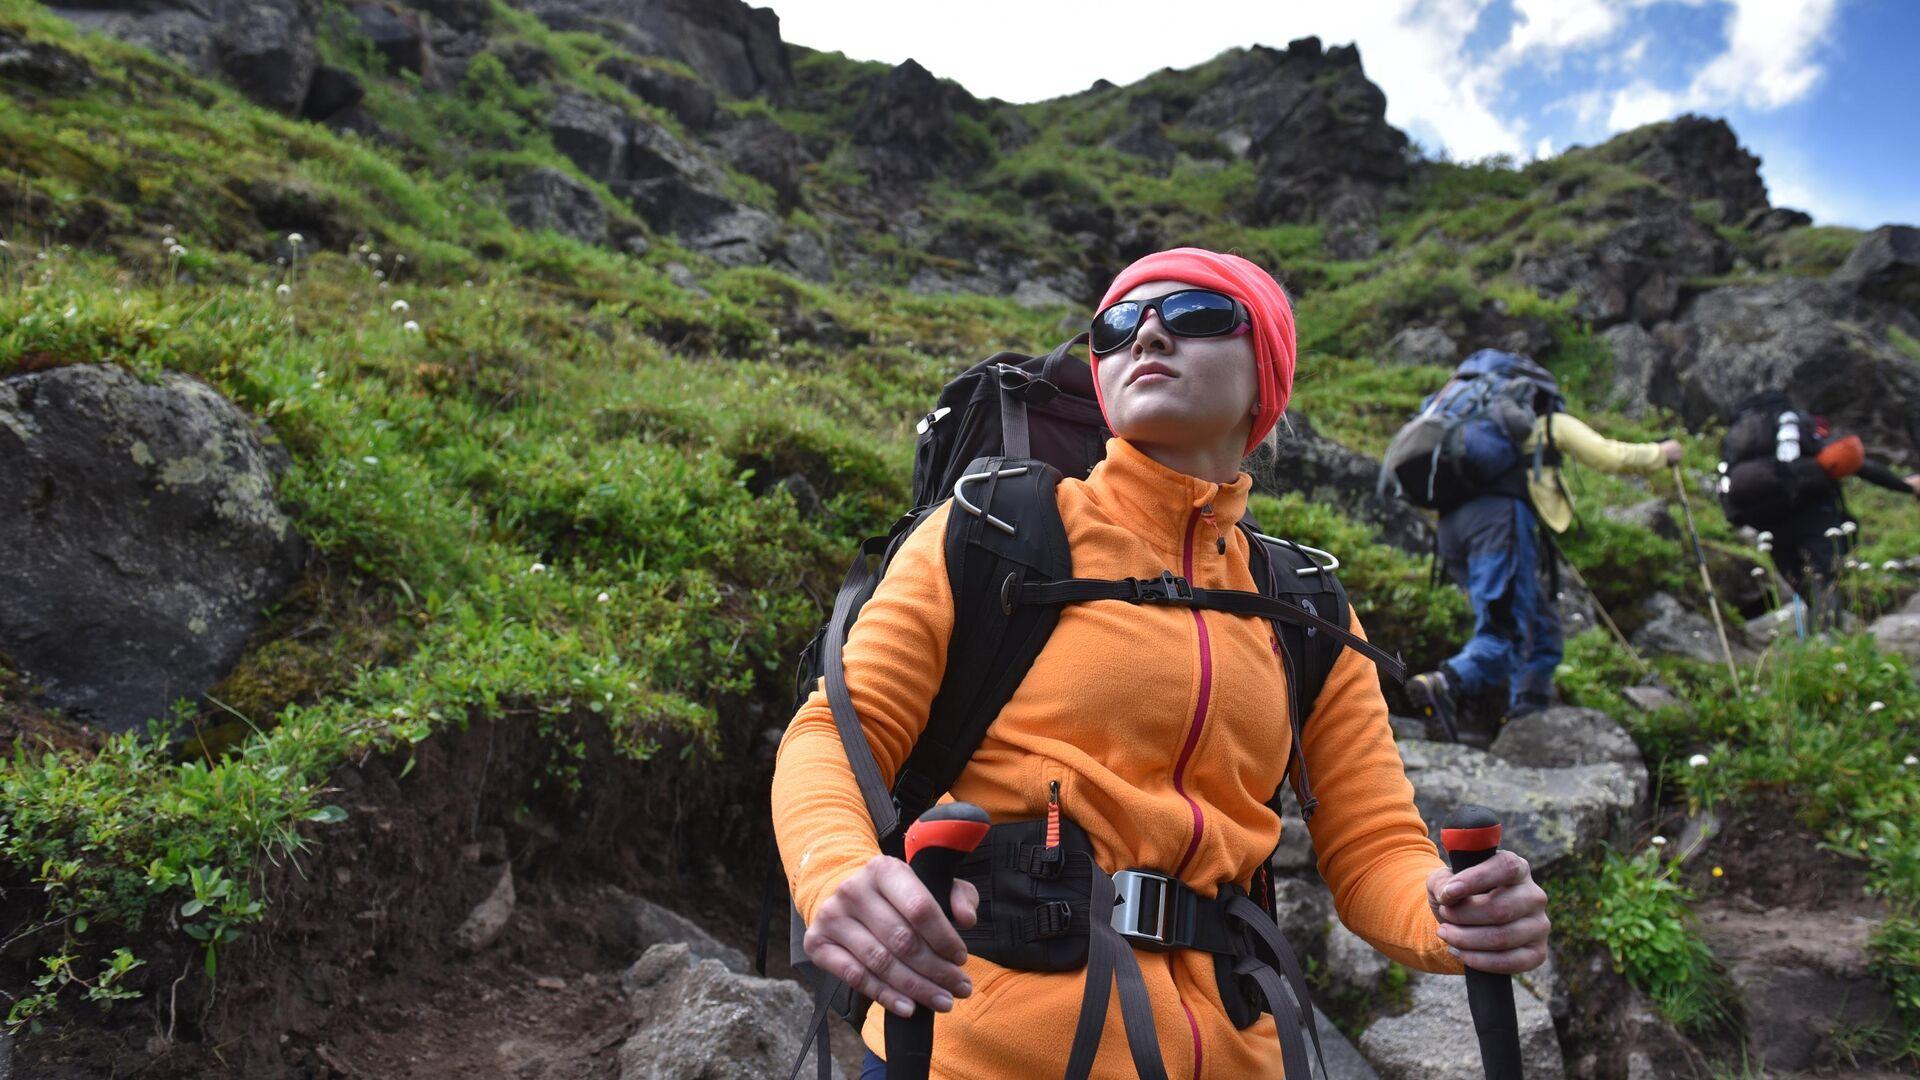 Альпинисты во время туристического похода из базового лагеря Джилы - Су в Кабардино-Балкарии - РИА Новости, 1920, 29.07.2019